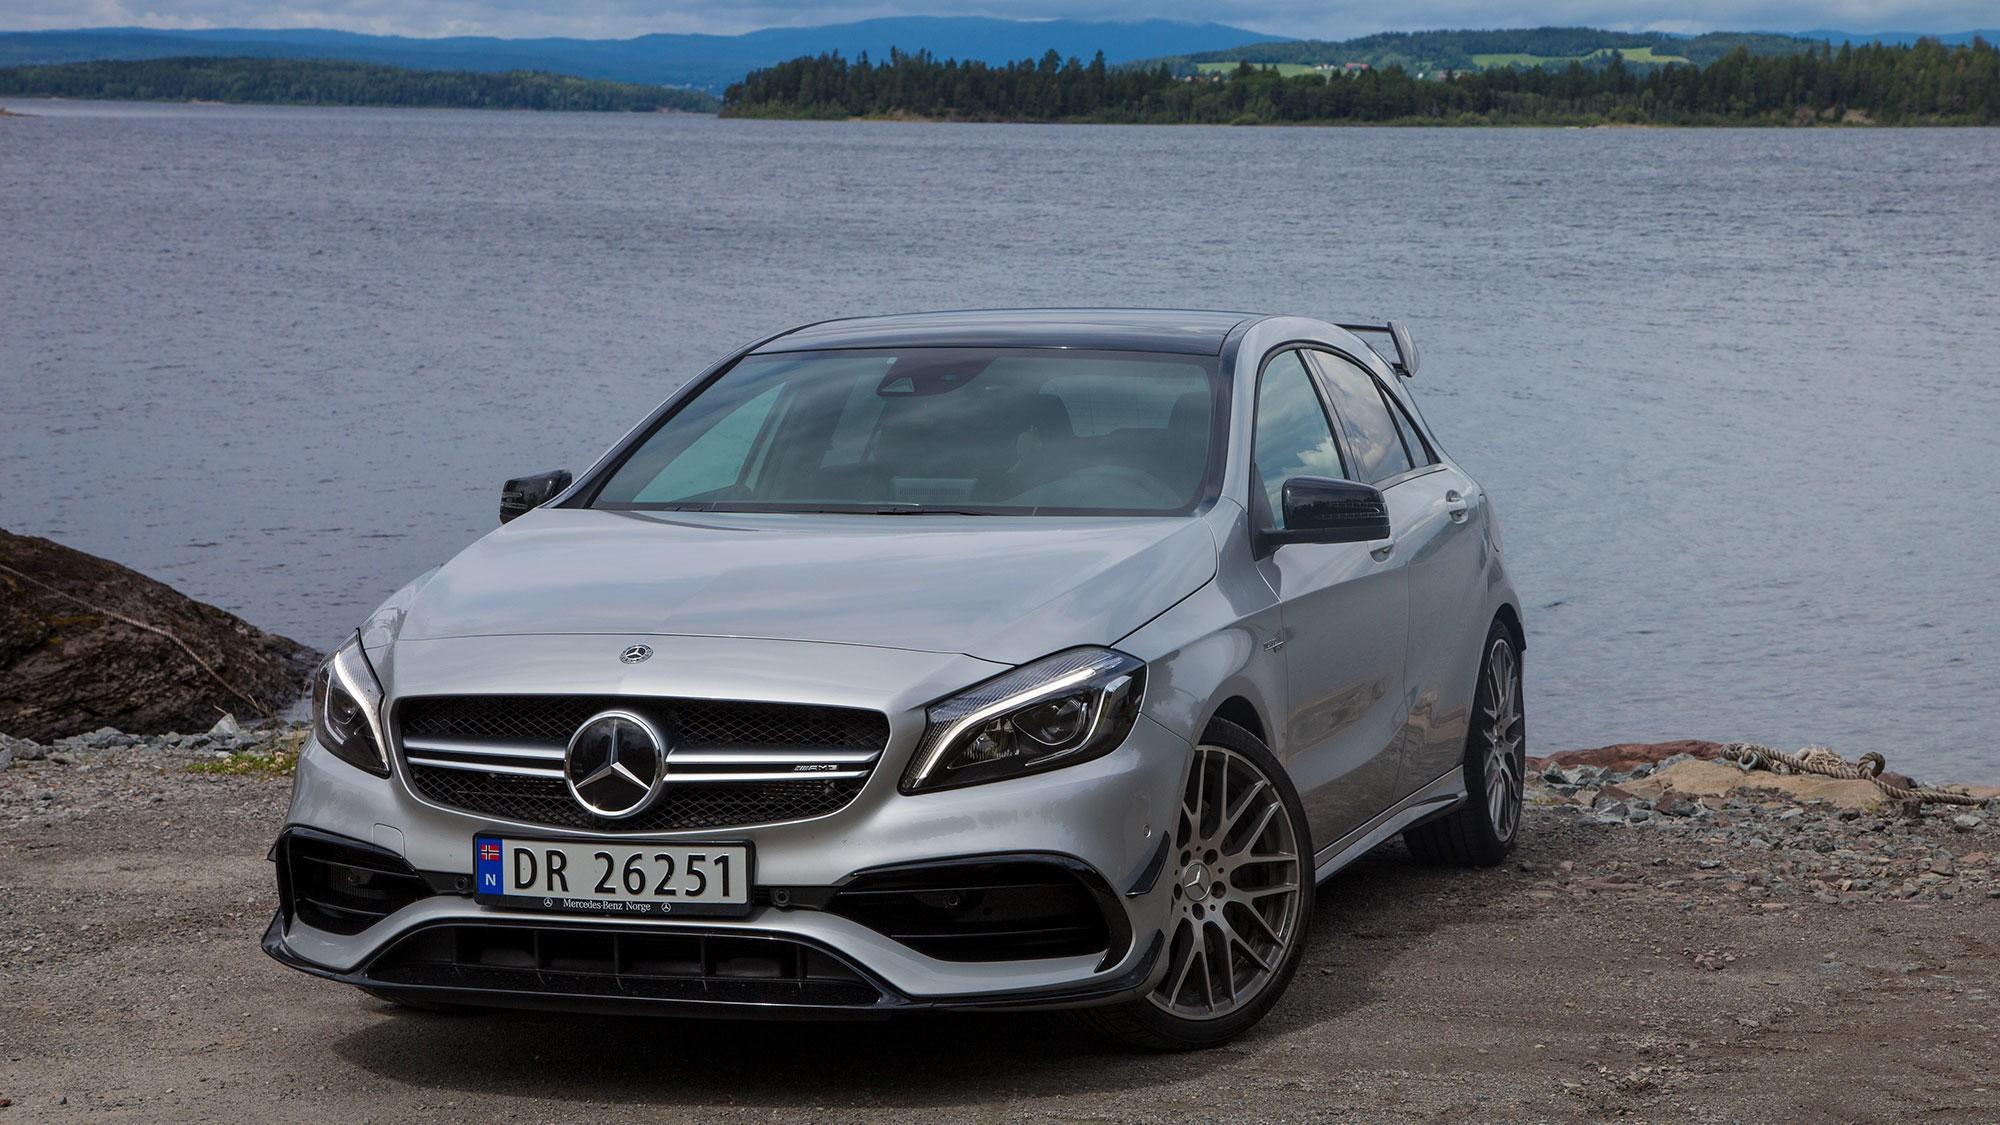 GLEDESGENERATOR: Det er ikke mange biler som virkelig kan få deg til å le. Mercedes AMG A45 er en slik bil.